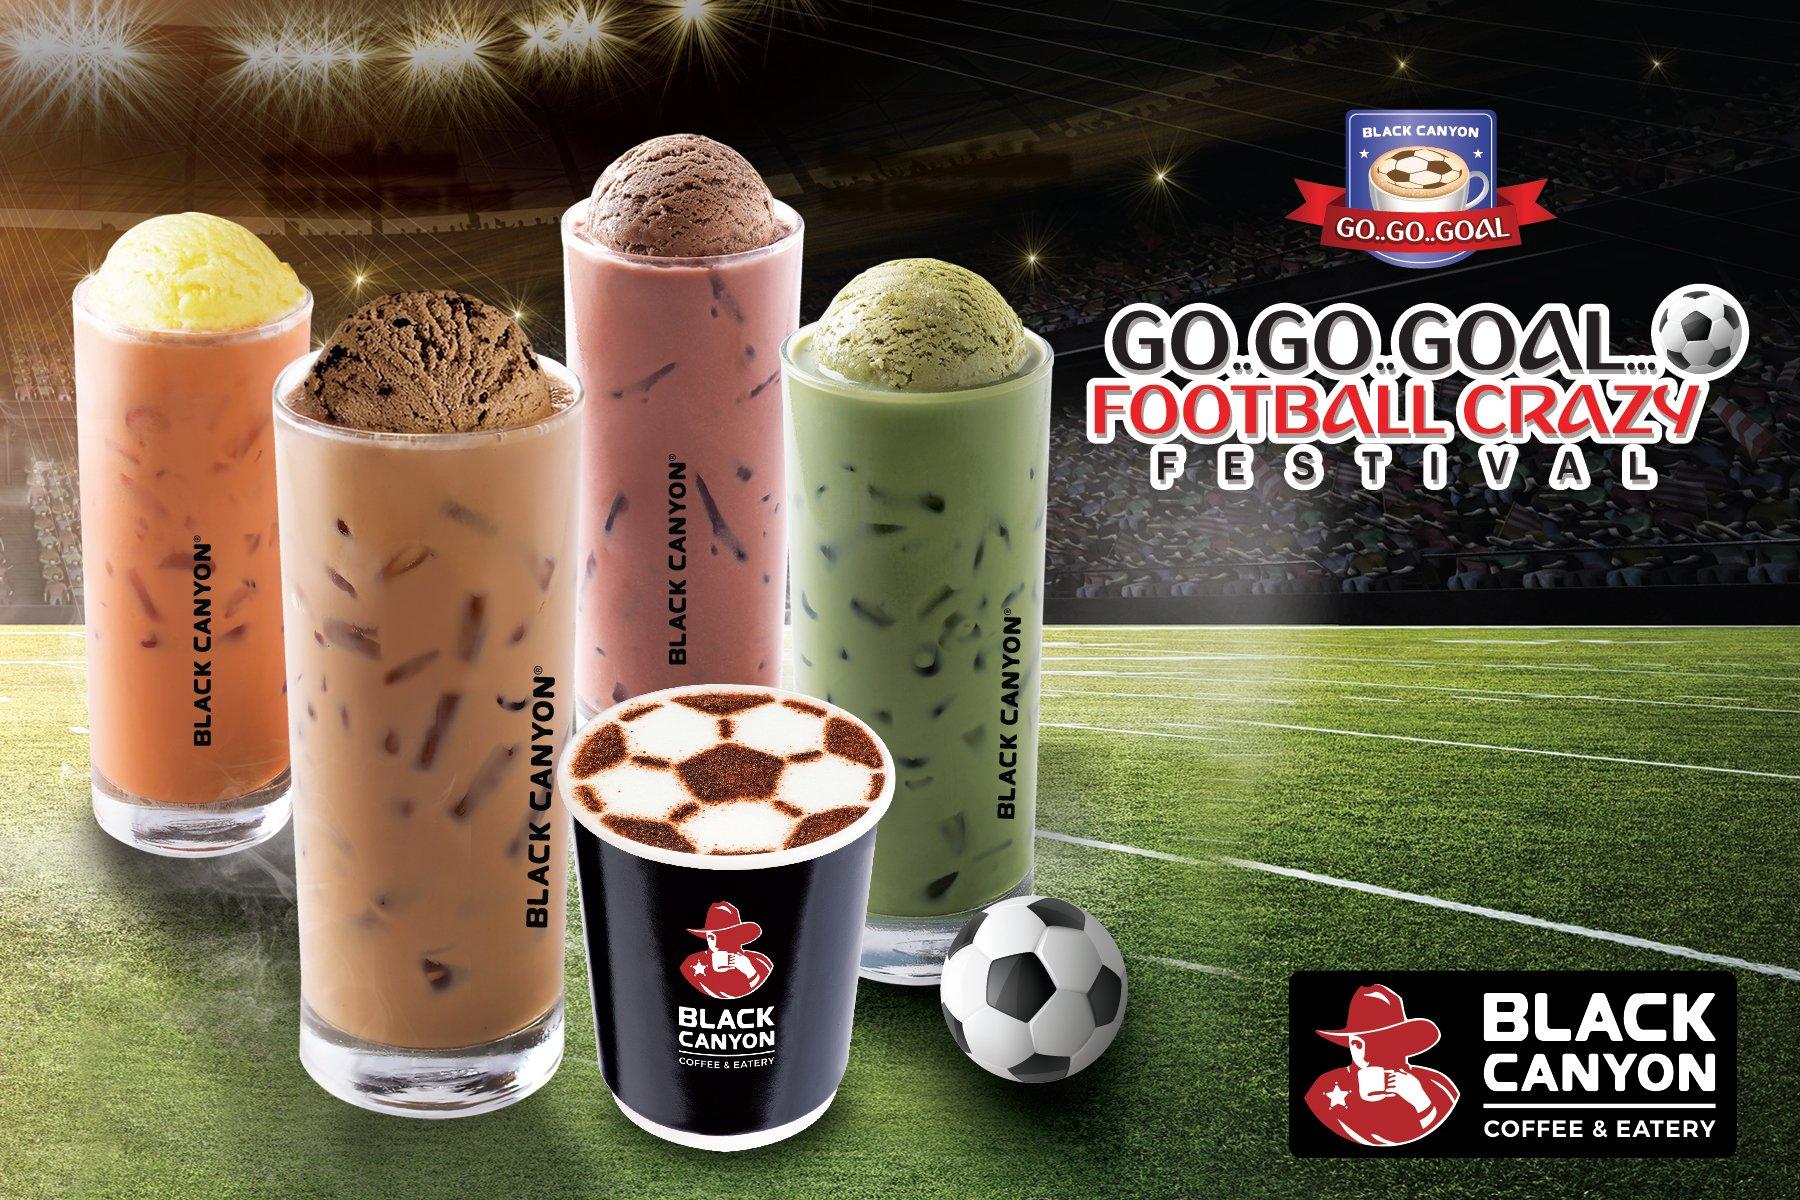 แบล็คแคนยอน ส่ง มอบความสนุกและความอร่อย ด้วย Go Go Goal Football Crazy Festival 2 -